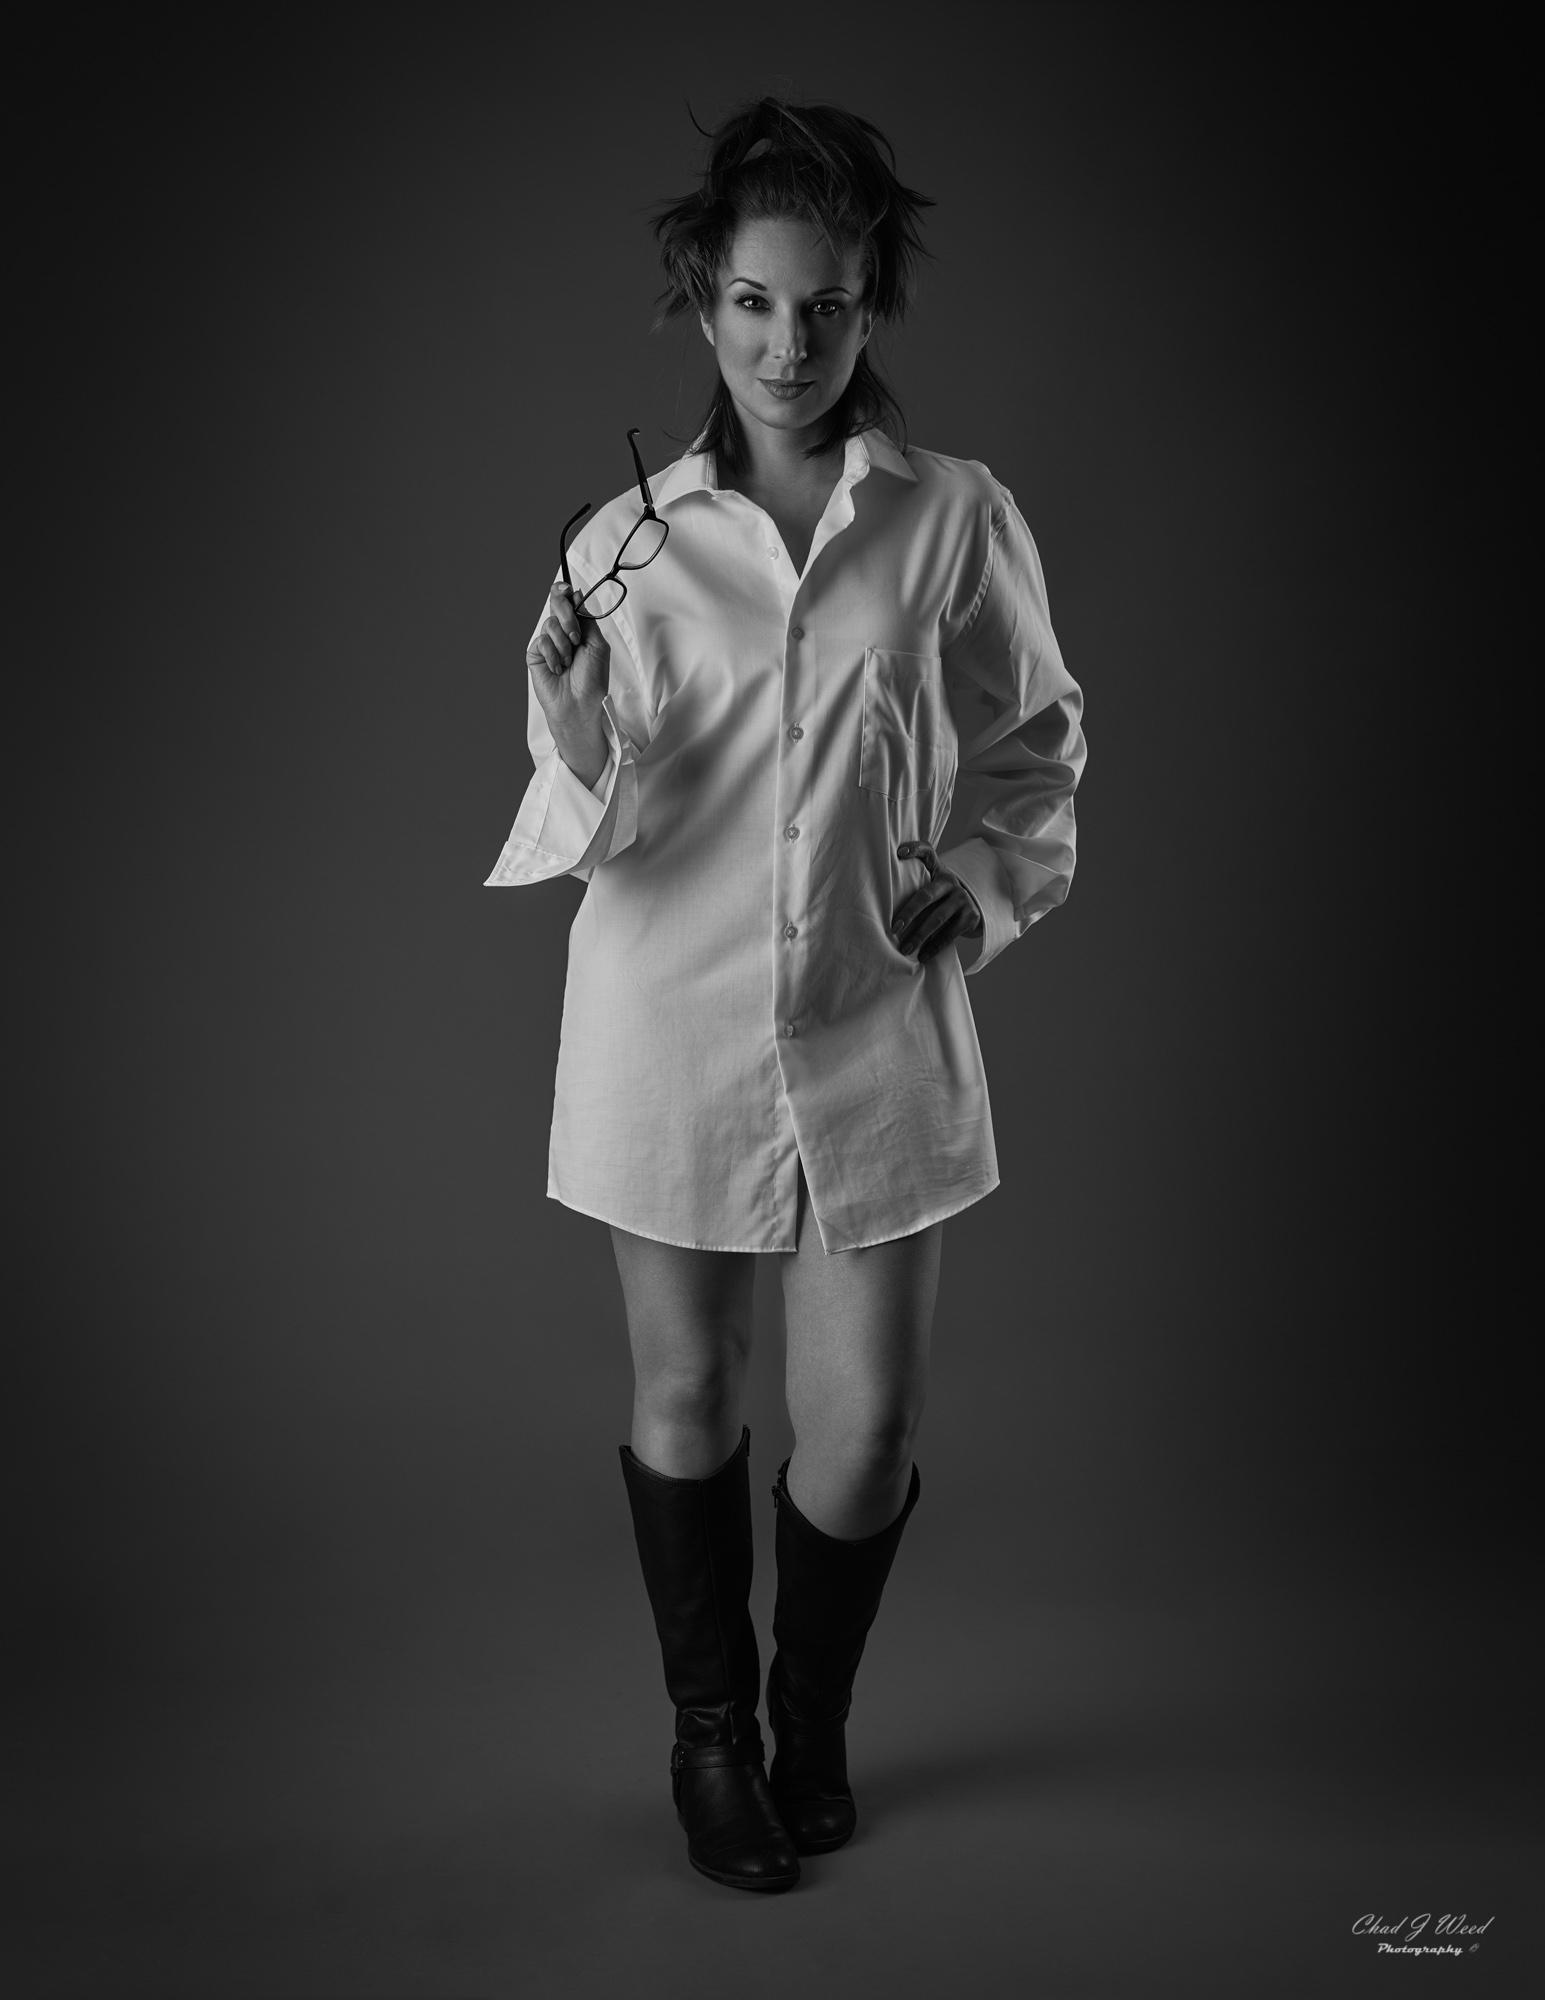 Kika Actress and Fashion Model by Mesa Arizona Fashion Portrait Photographer Chad Weed